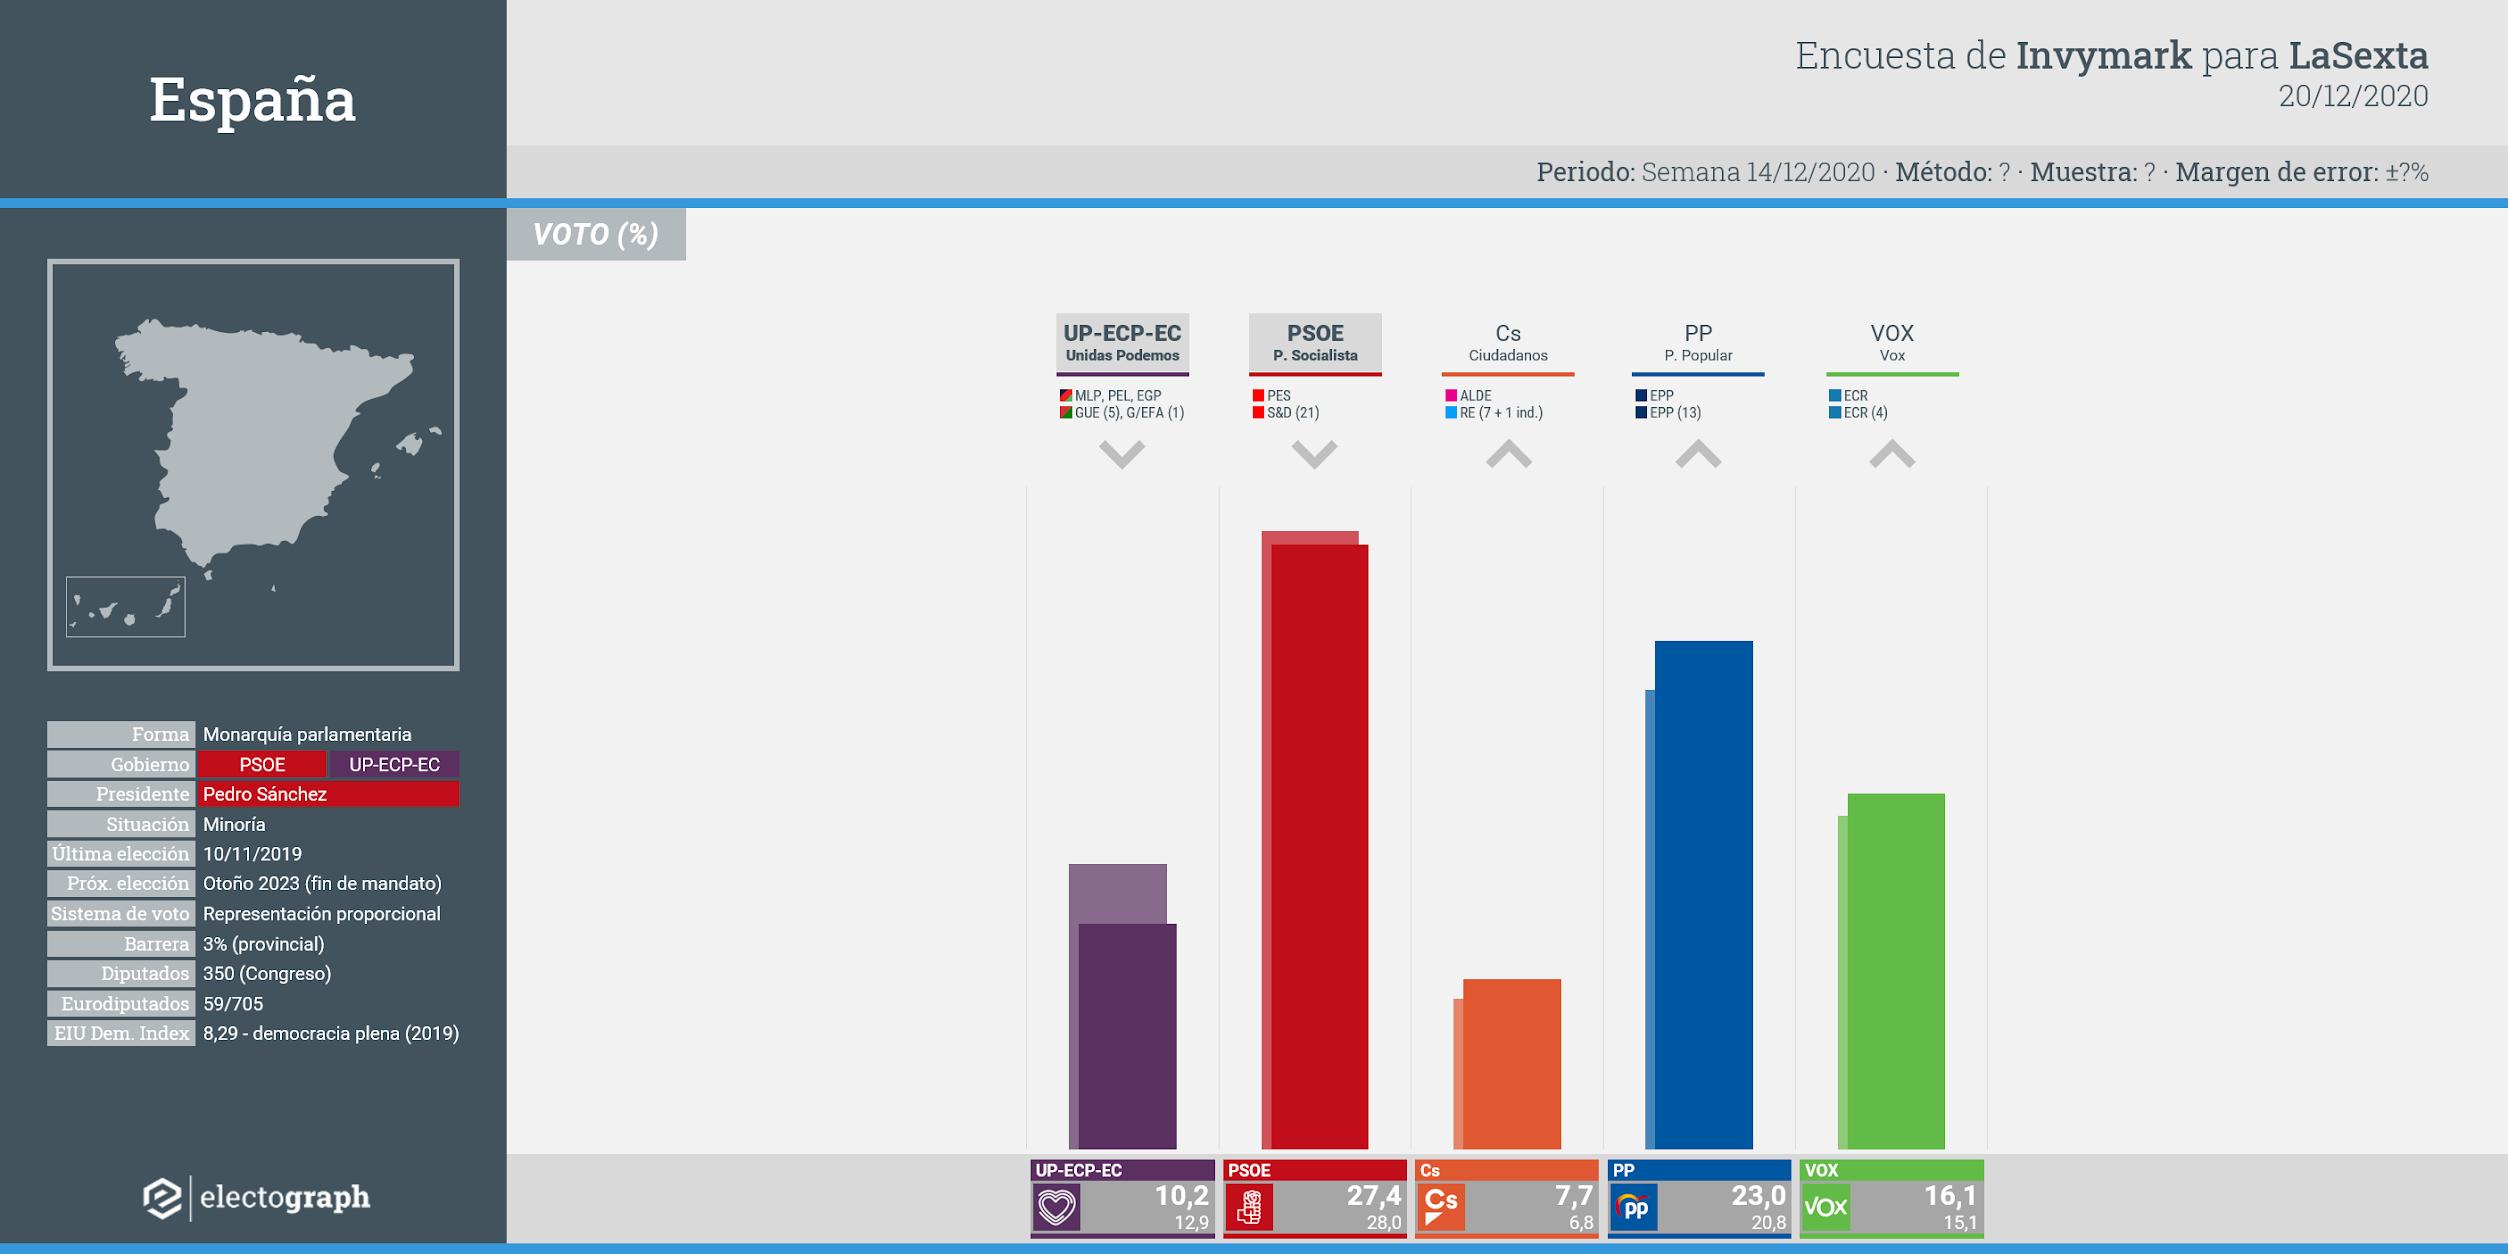 Gráfico de la encuesta para elecciones generales en España realizada por Invymark para LaSexta, 20 de diciembre de 2020